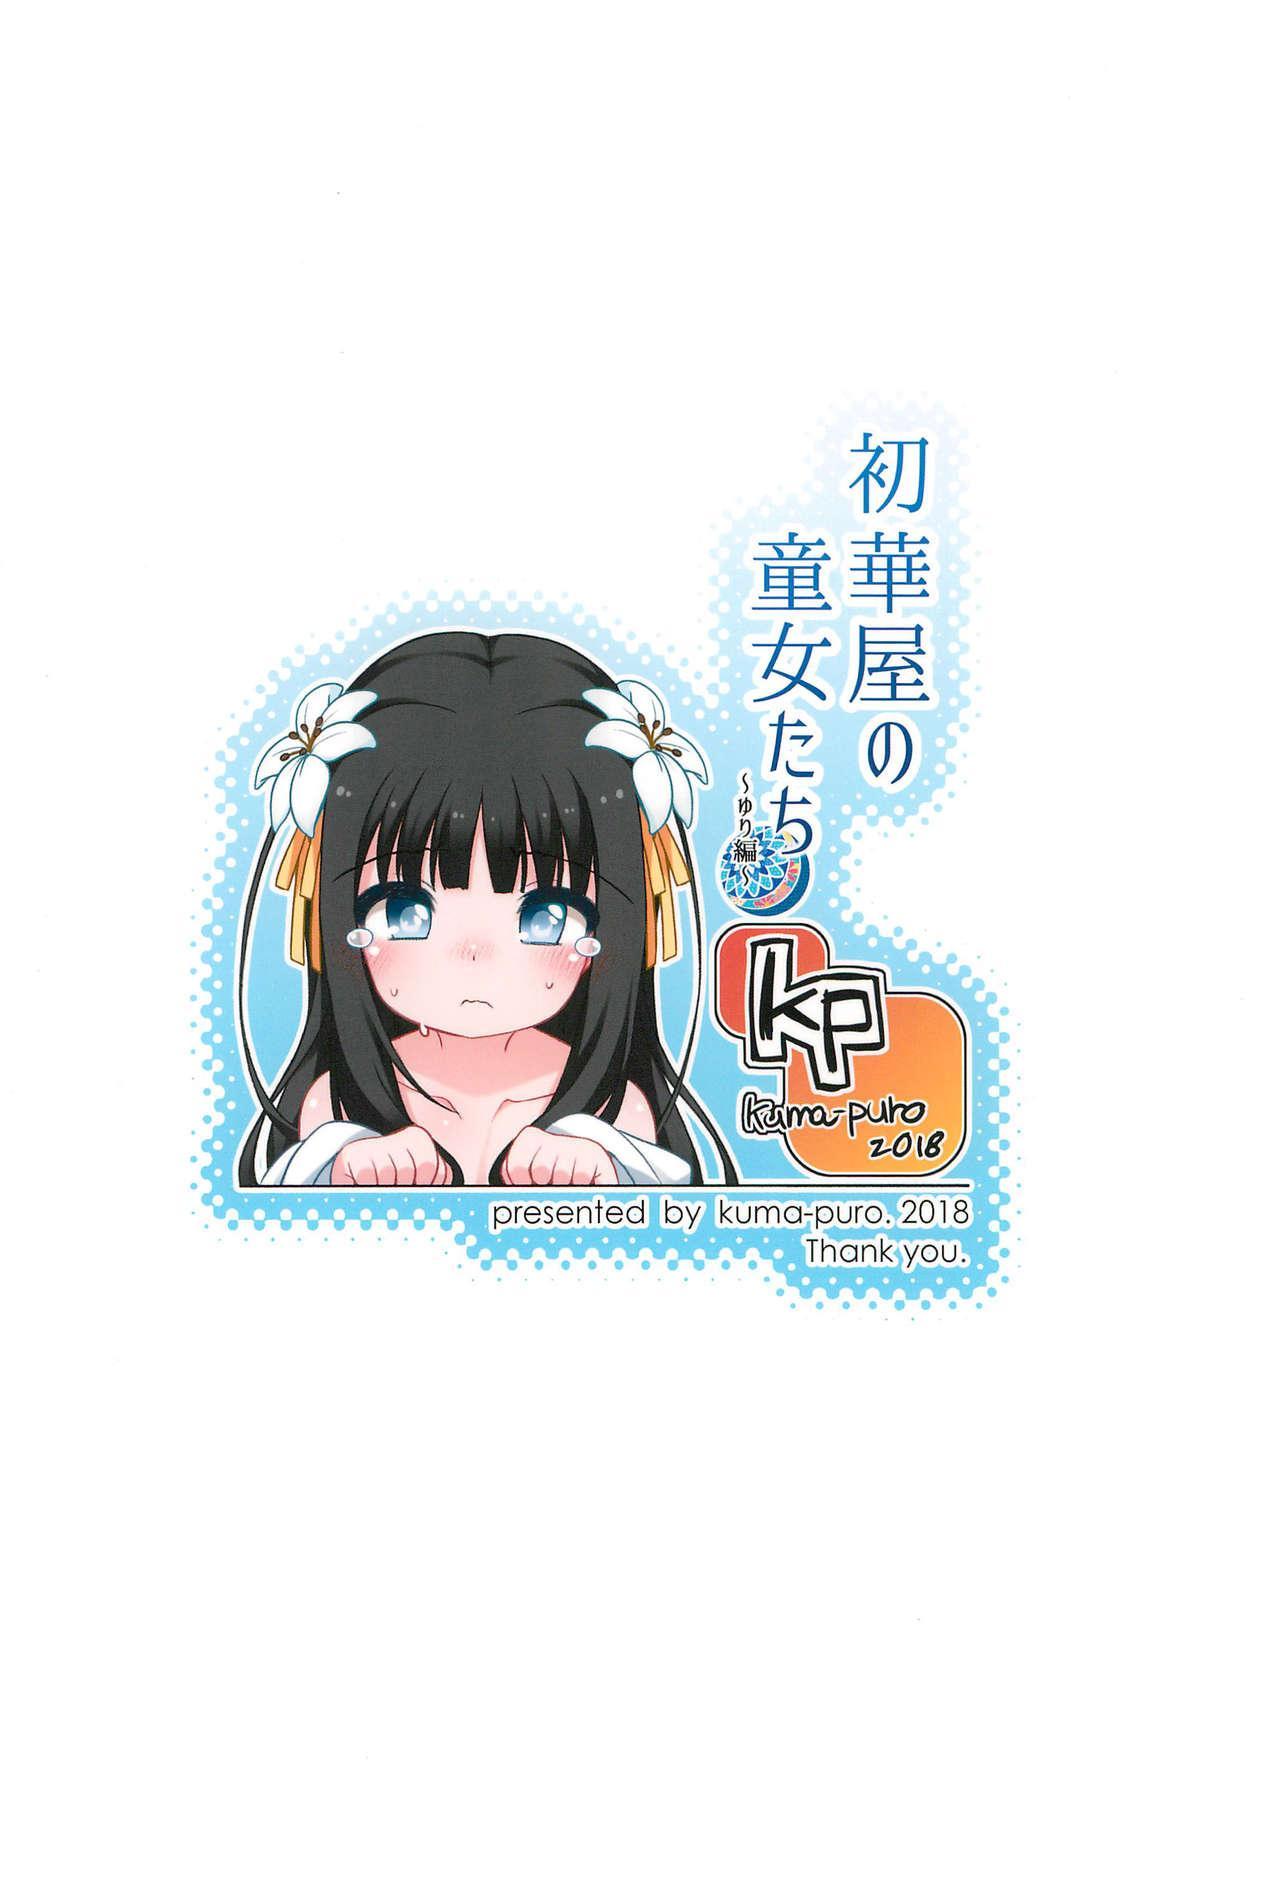 (COMITIA124) [kuma-puro (Shouji Ayumu)] Shokaya no Doujotachi ~Yuri Hen~ | The Girls of the Blooming Flowers ~Yuri's Tale~ [English] [WitzMacher] 27